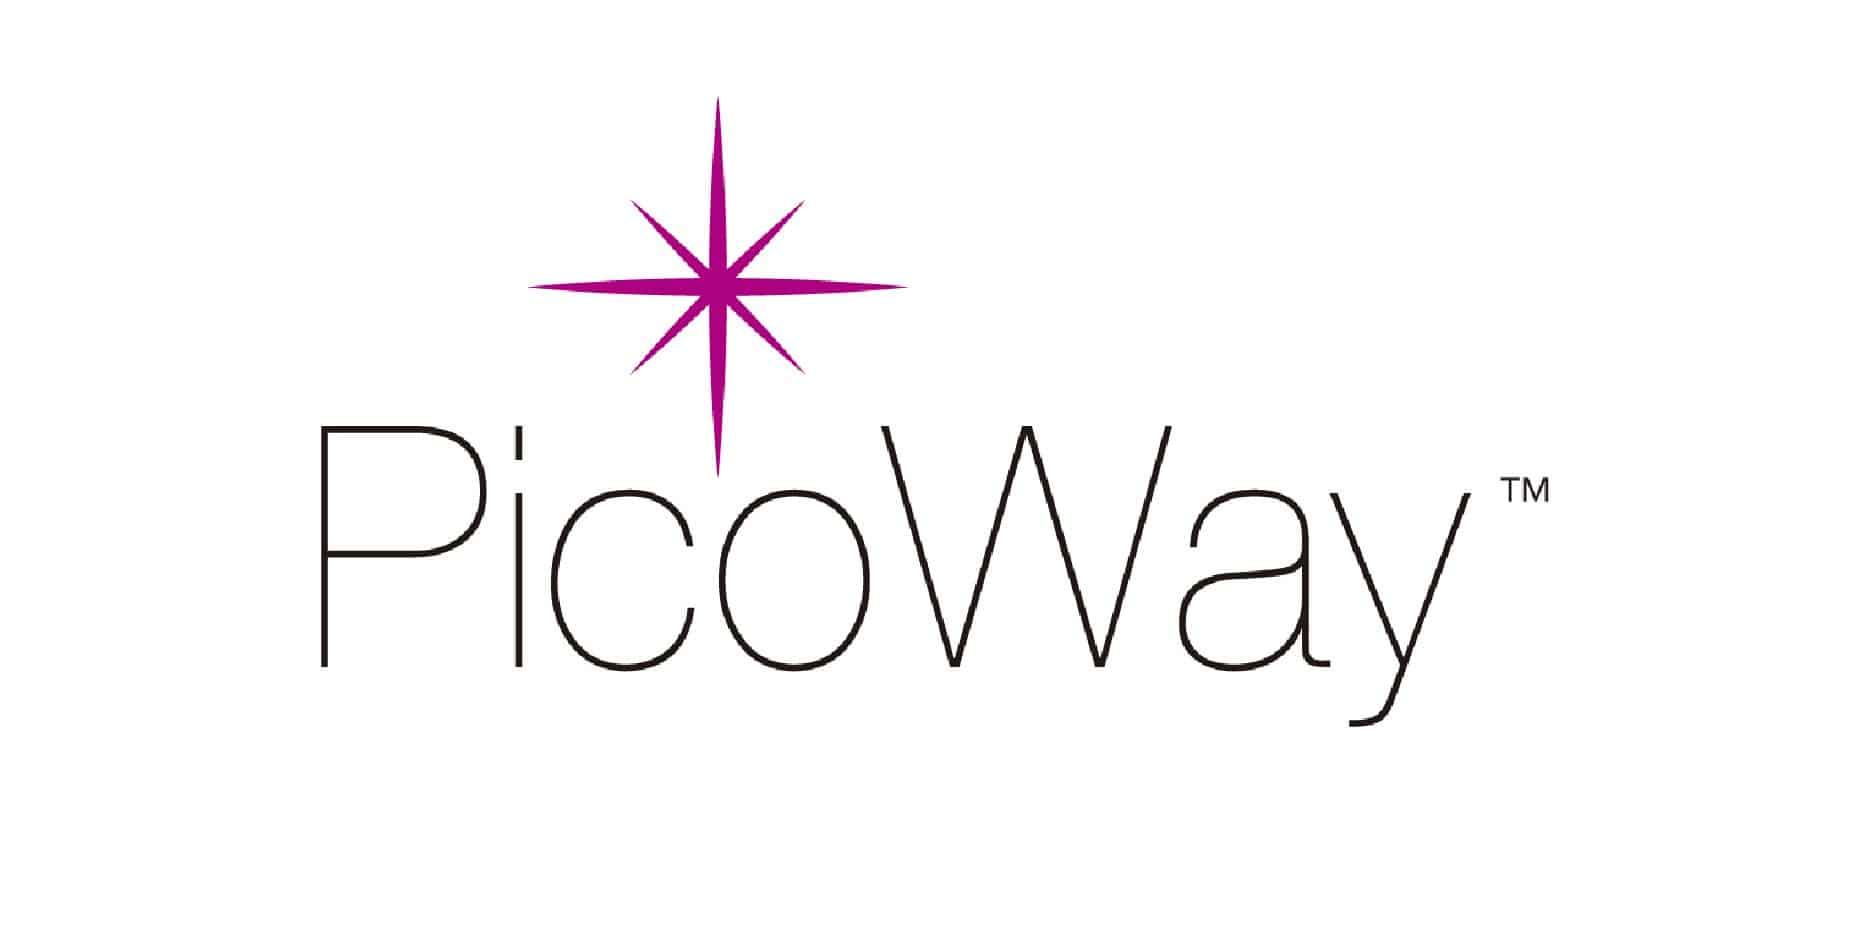 Picoway_tattoo Picoway ptop3 42